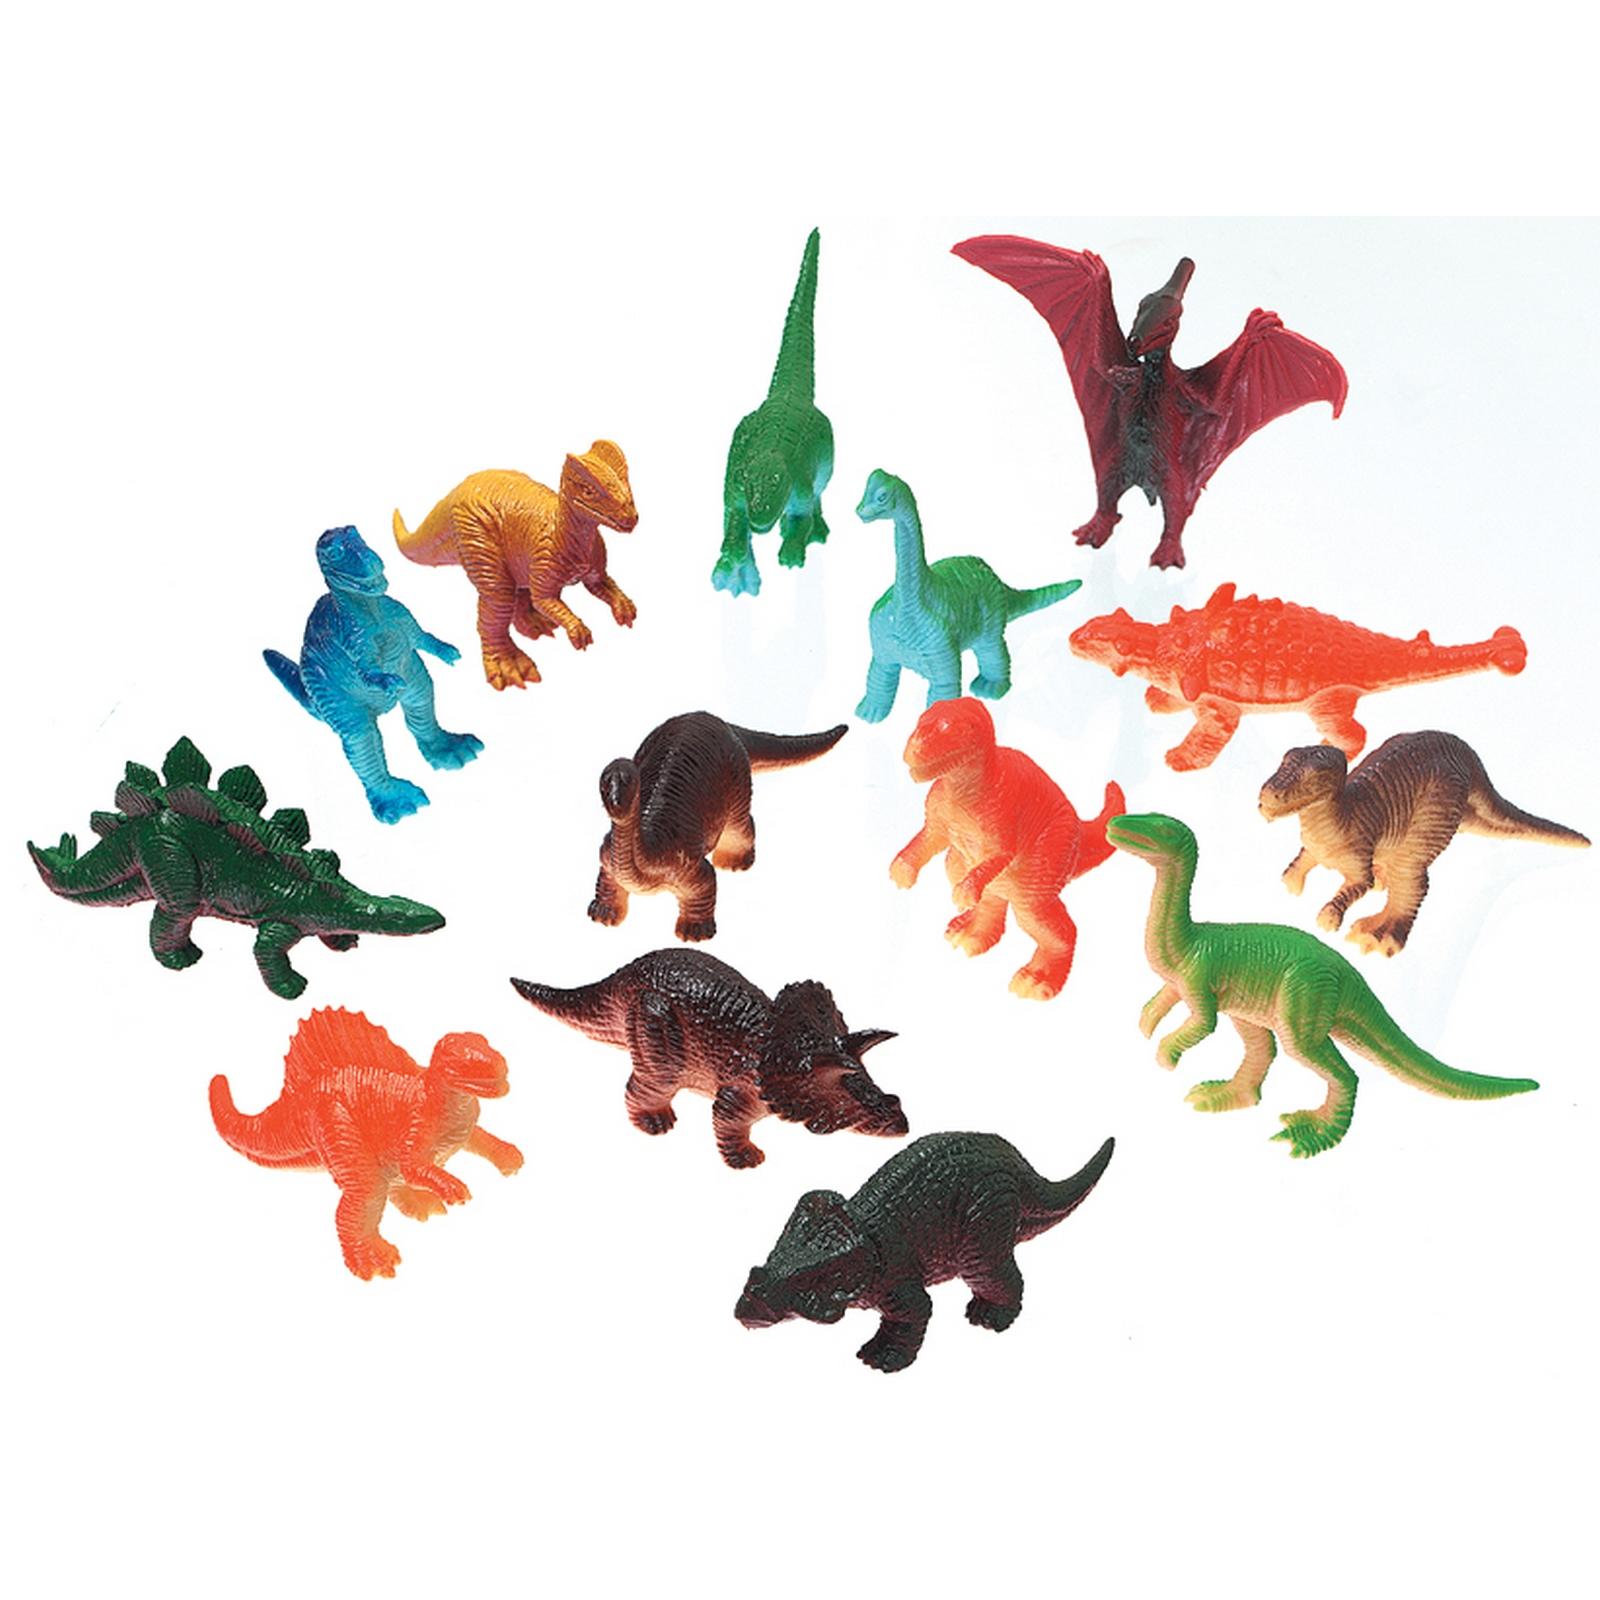 Creatures Inc. Dinosaurs 14/Pkg PartNumber: 021V005613536000P KsnValue: 5613536 MfgPartNumber: 1029-09